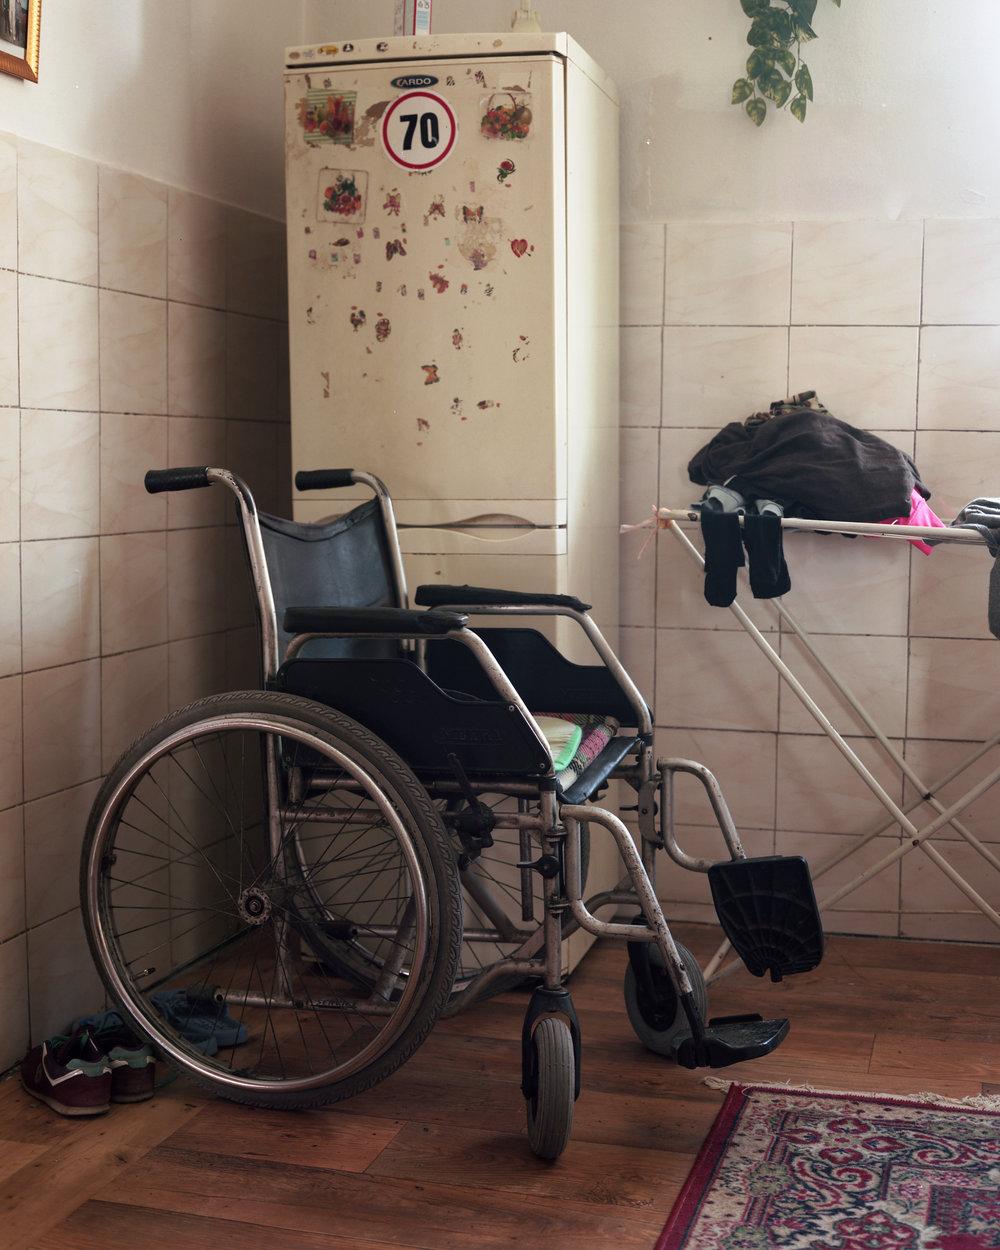 Olga_Sokal_13%22Fefe's_wheelchair, Velka Ida, Slovakia%22.jpg